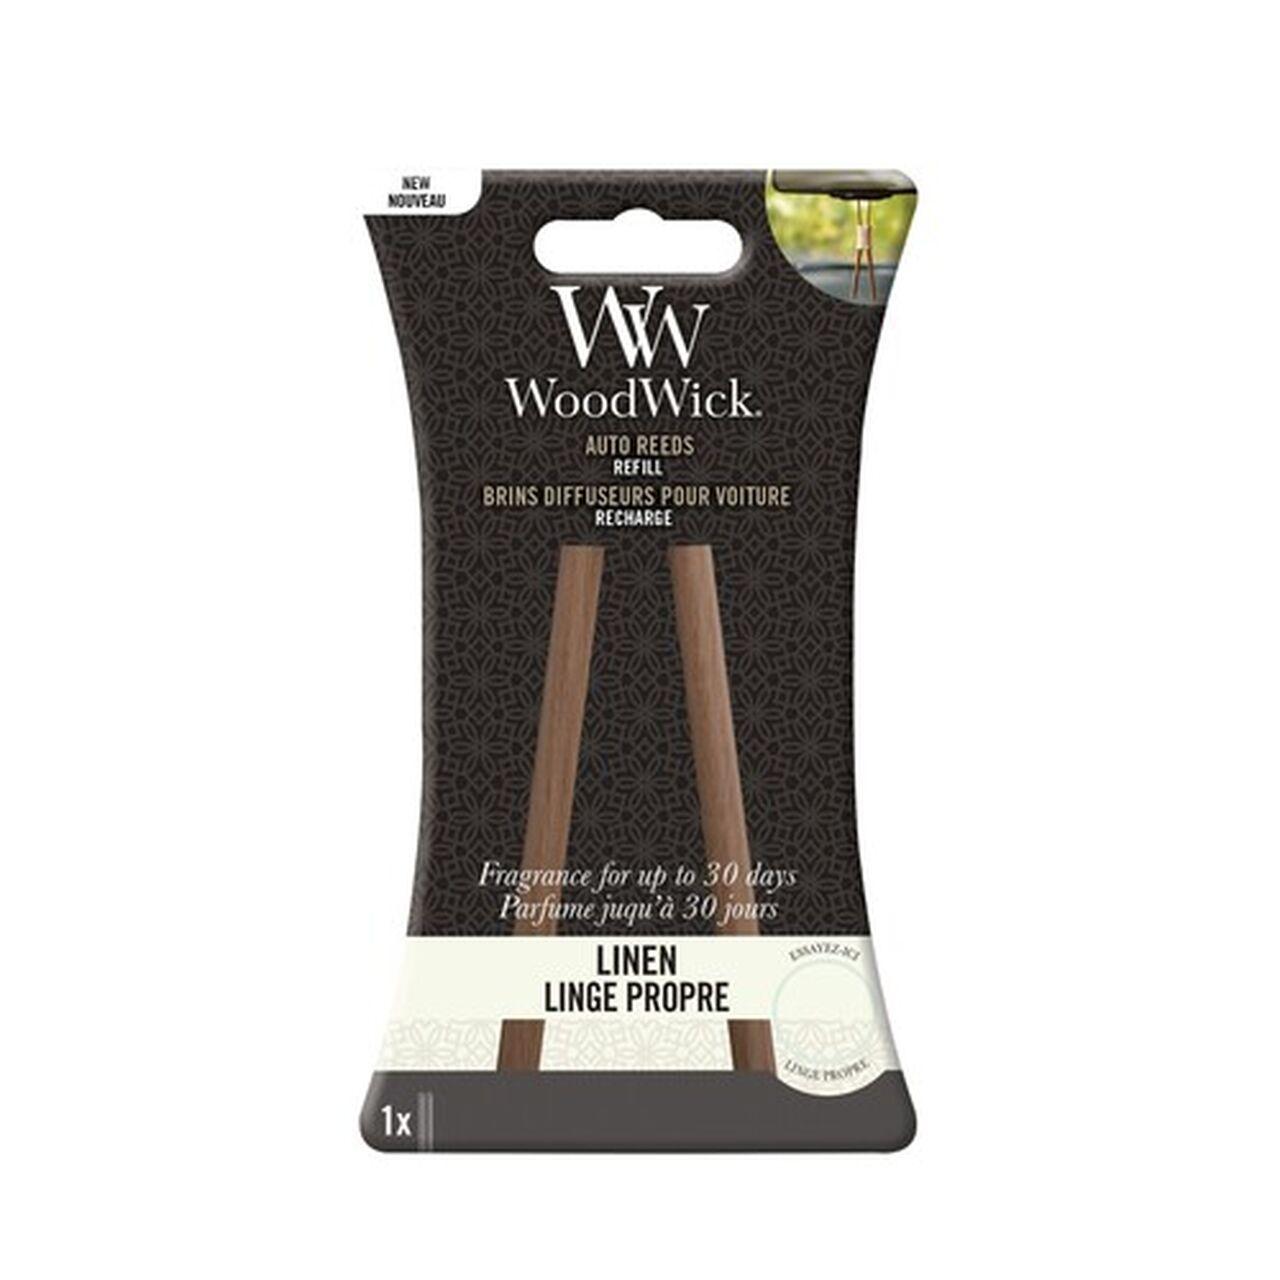 WoodWick Auto Reeds Linen Nachfüll Pack